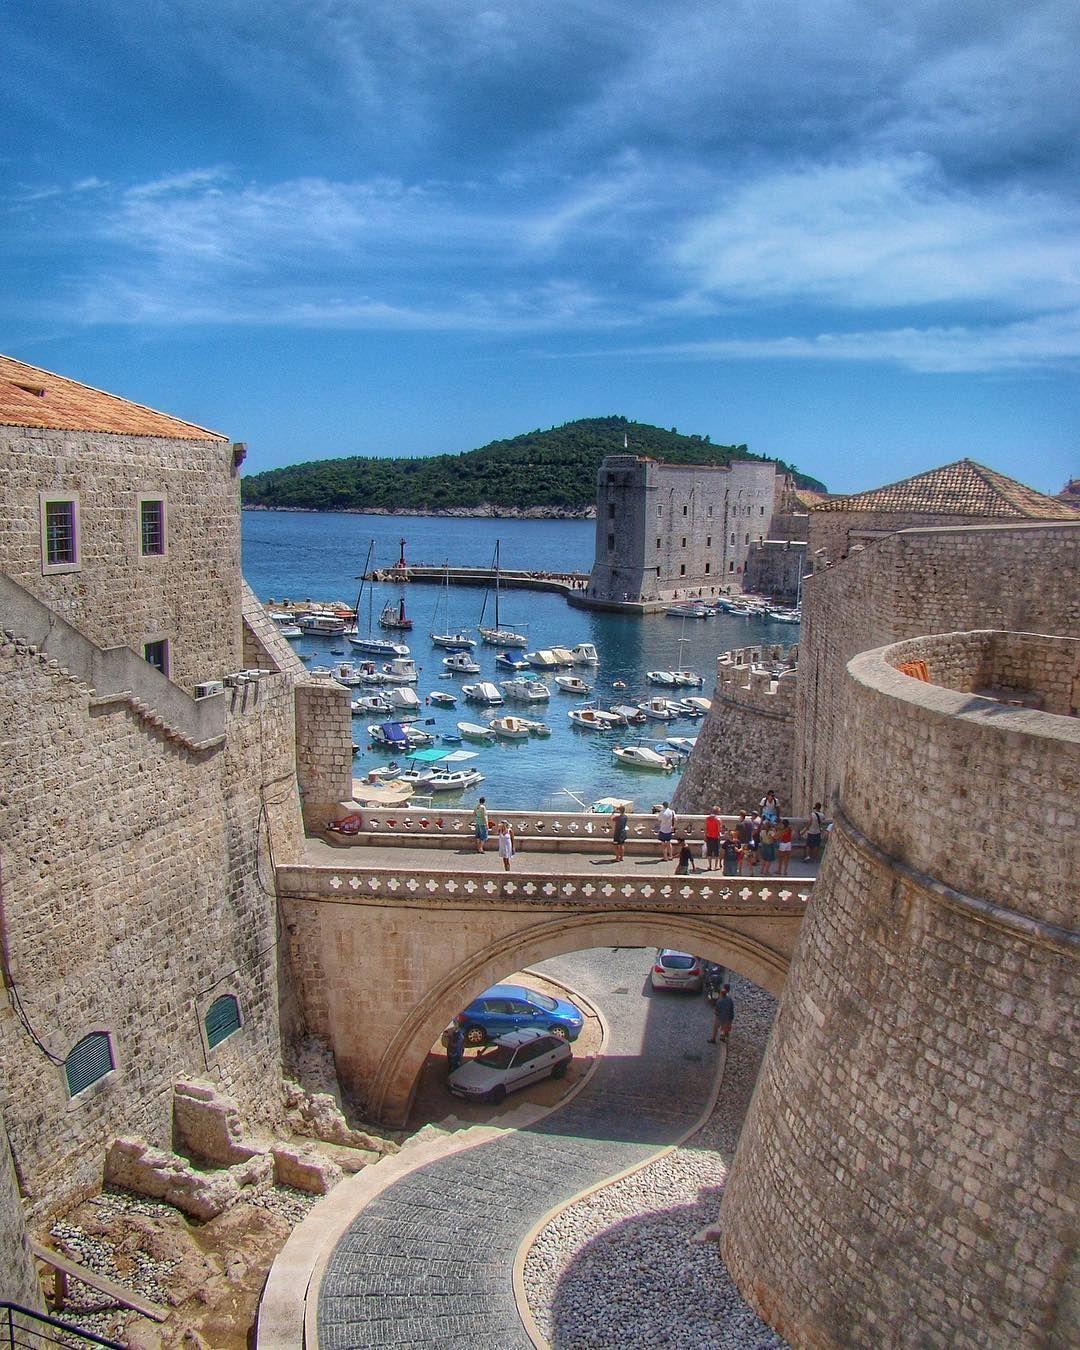 Pensa numa cidade linda. Agora multiplica!  Dubrovnik nos encantou desde a primeira vista! Reuniram duas coisas lindas em um lugar só: construções medievais  praia!  Tem como não ficar encantado com essa cidade? Além disso ô lugar pra ter gente bonita viu?   #Comospesnomundo #croacia #dubrovnik #europa #croatia #travelblogger #blogdeviagens